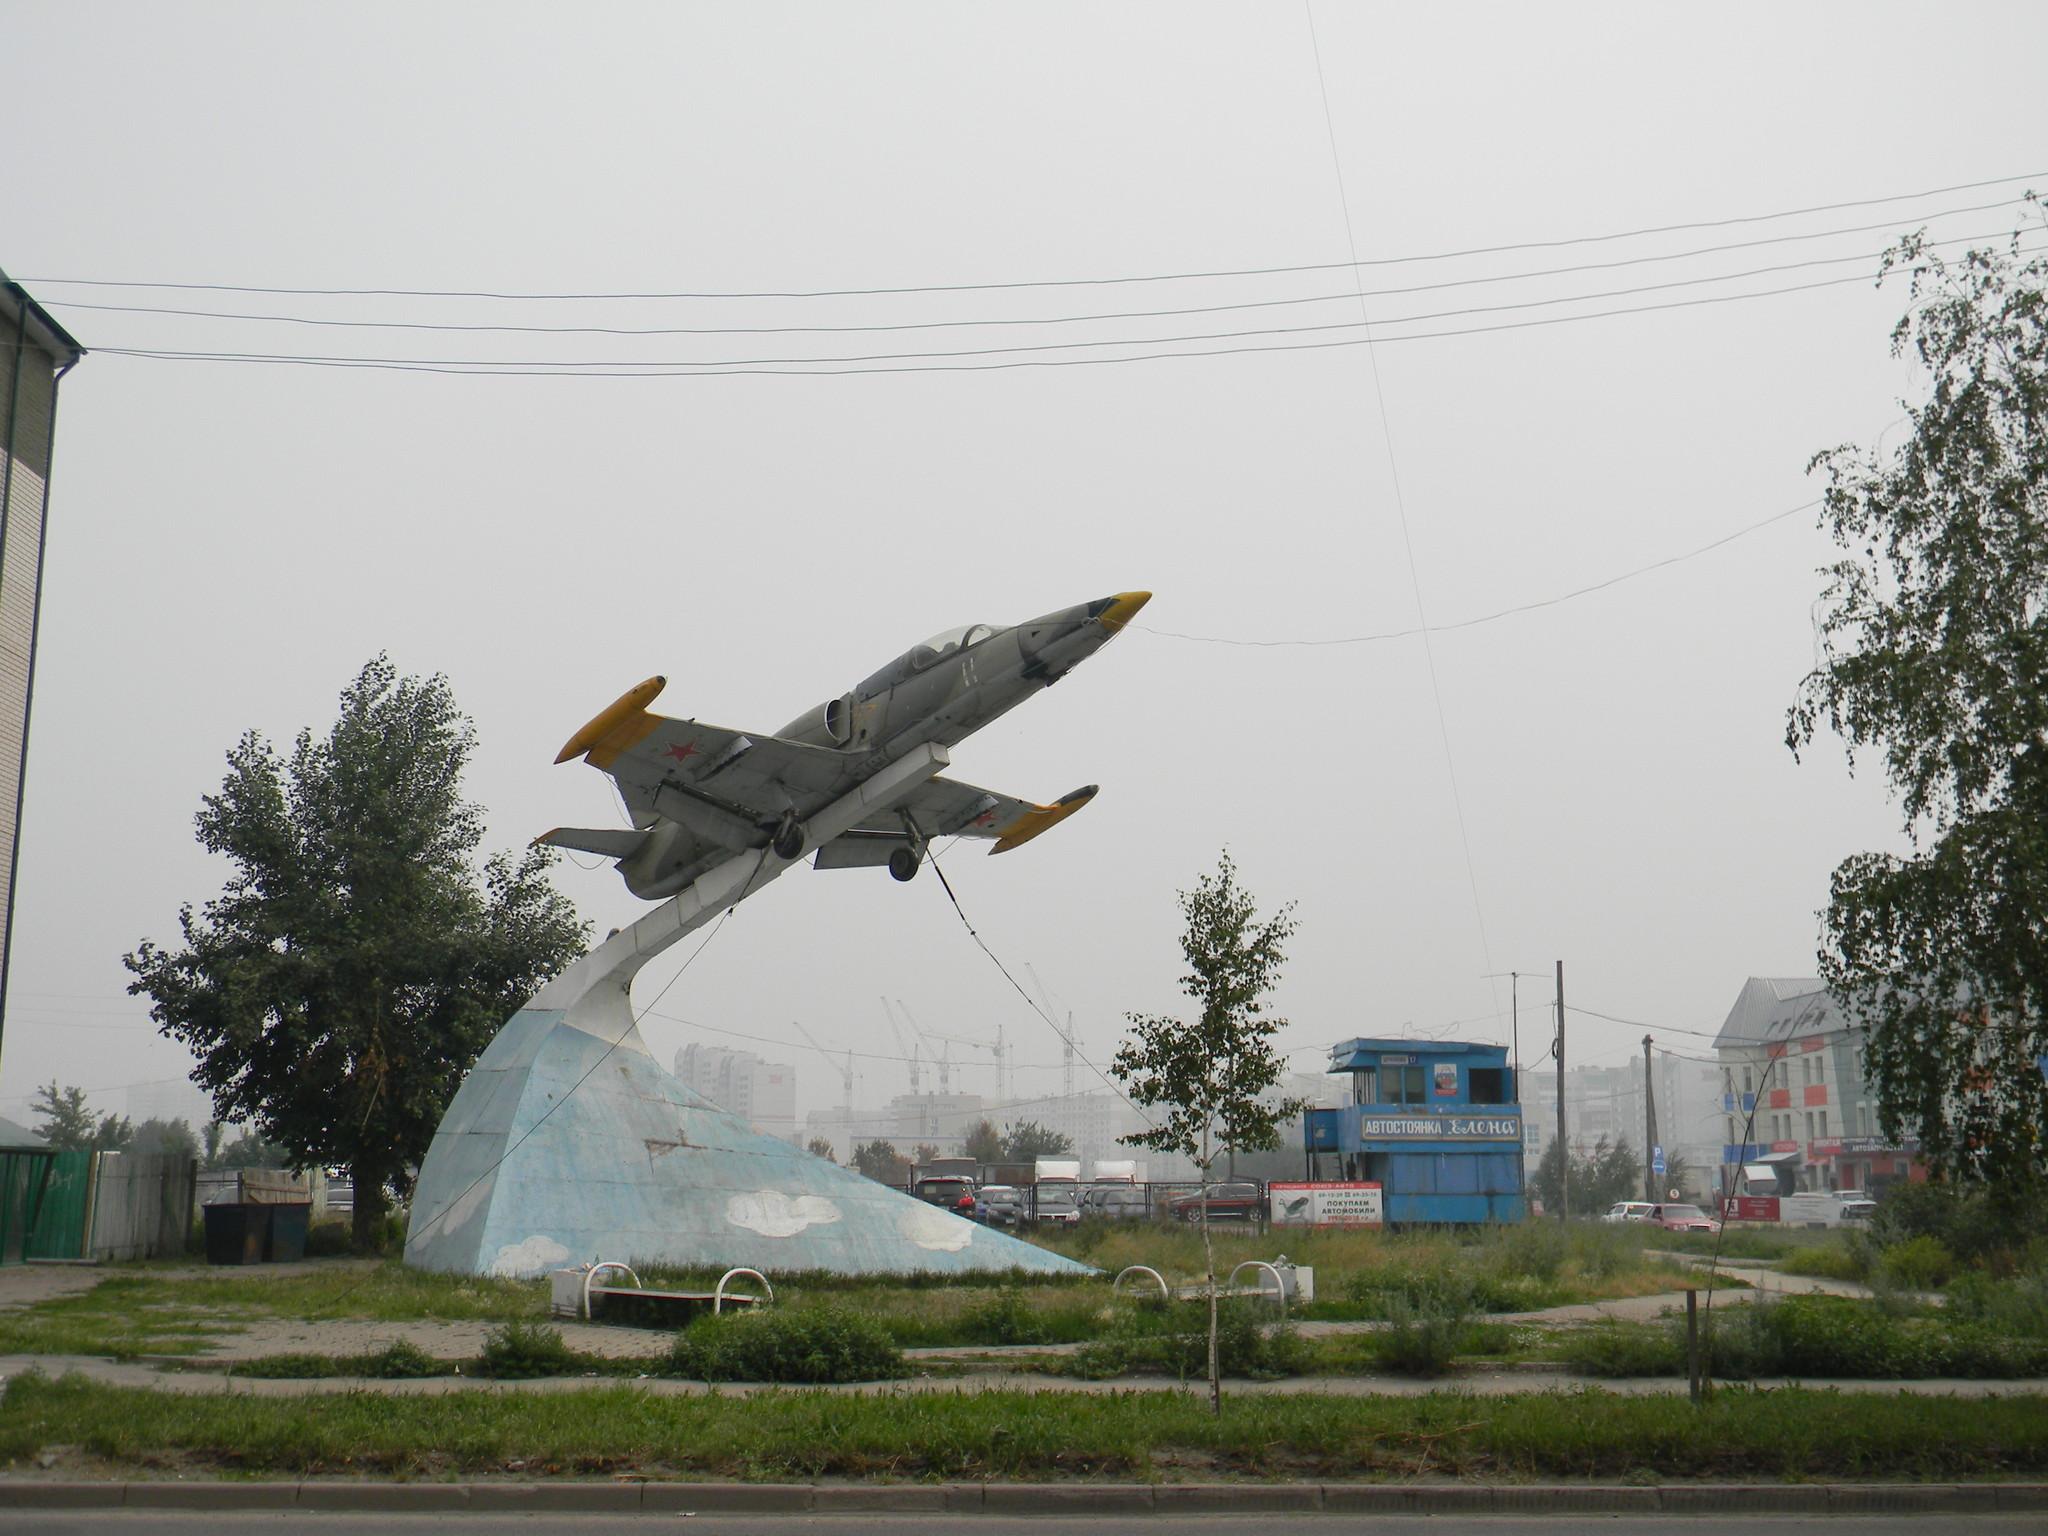 Реактивный учебно-боевой самолёт Л-39 «Альбатрос» в Барнауле